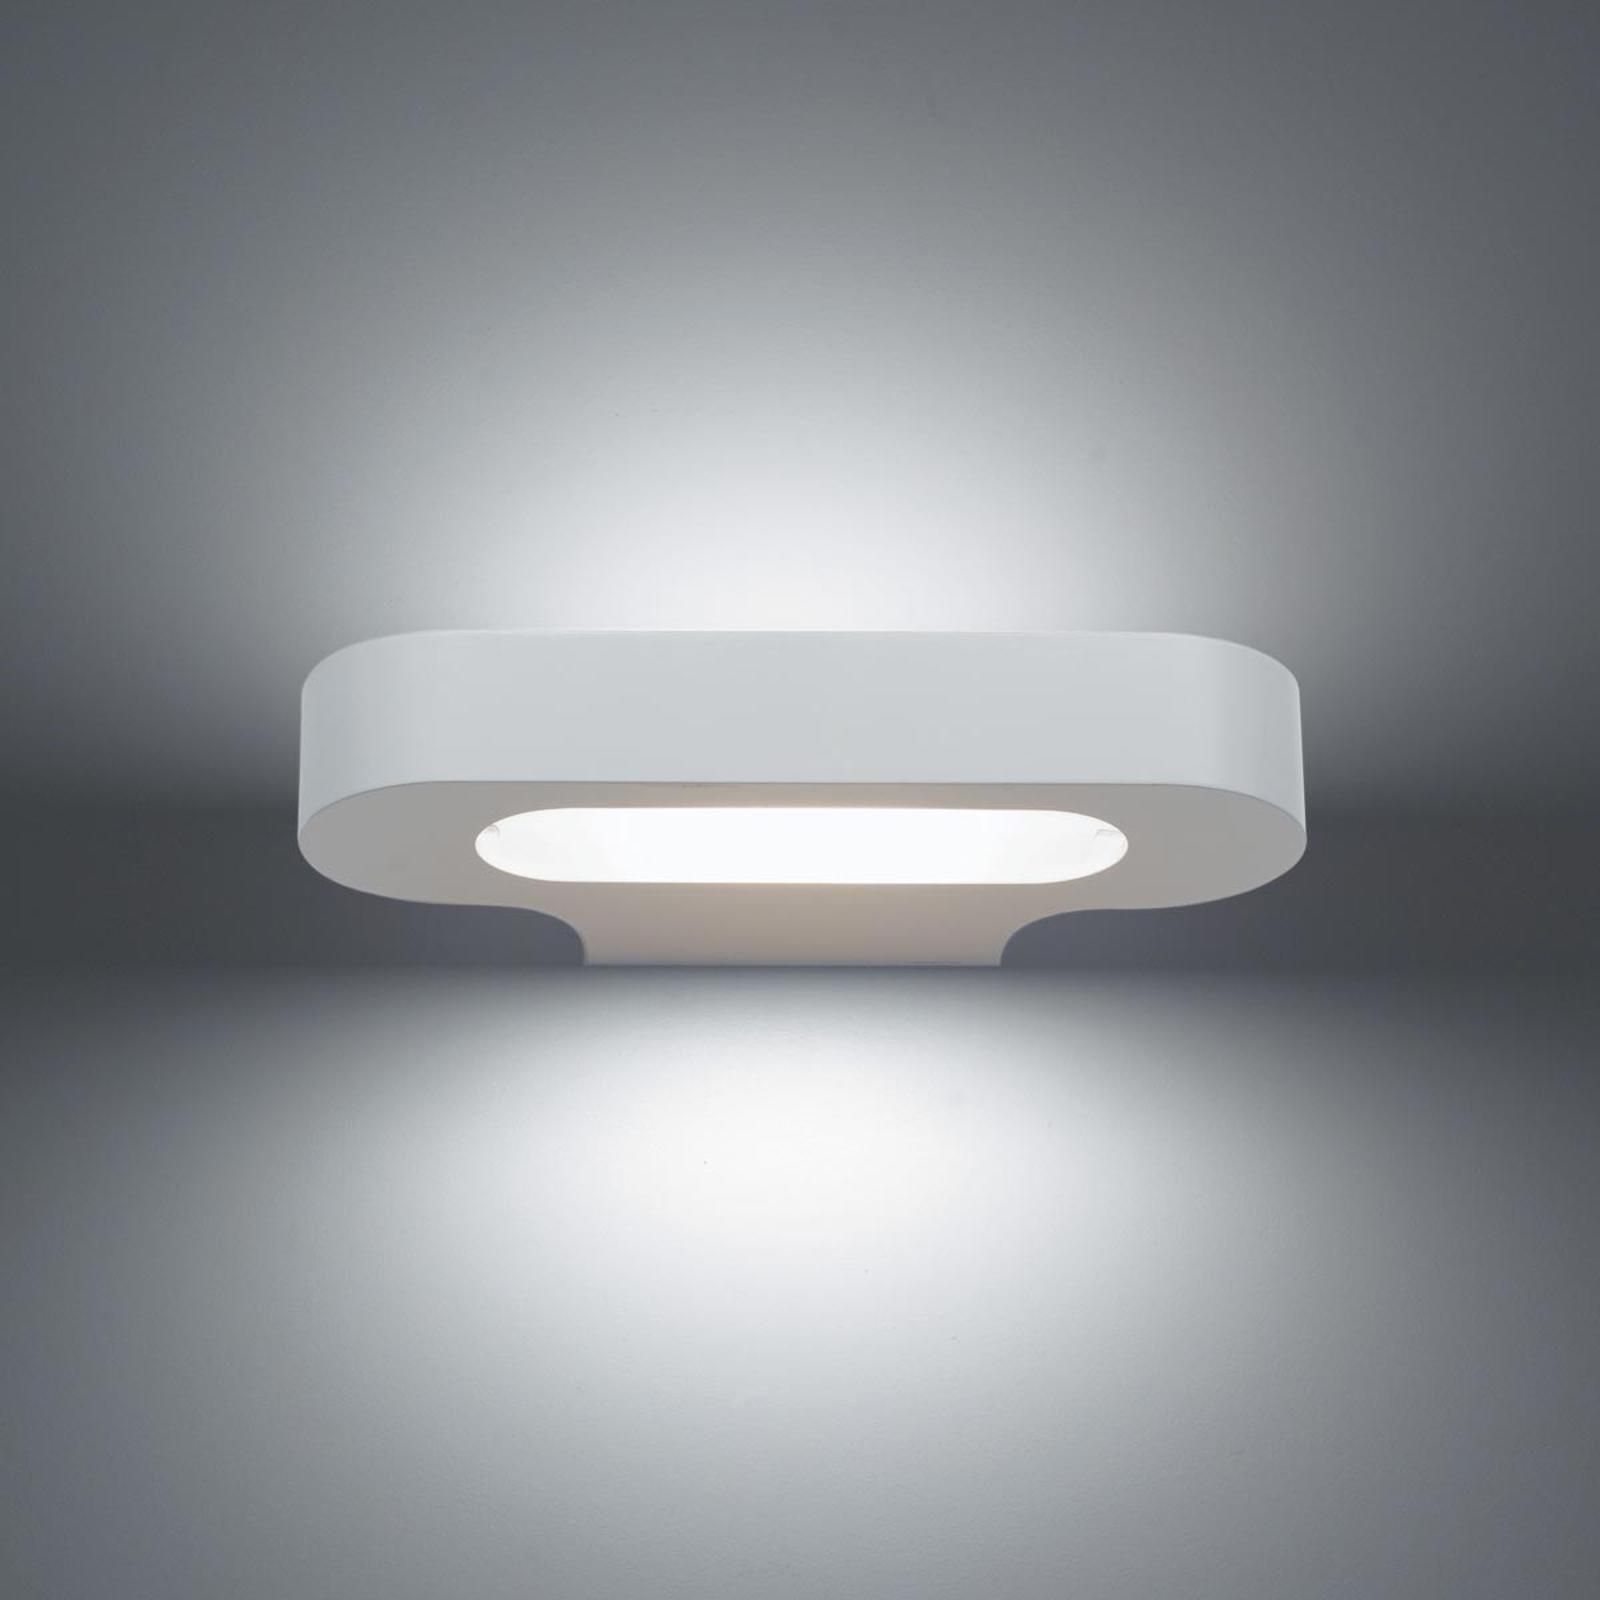 Artemide Talo LED-Wandleuchte 21 cm weiß 2.700 K